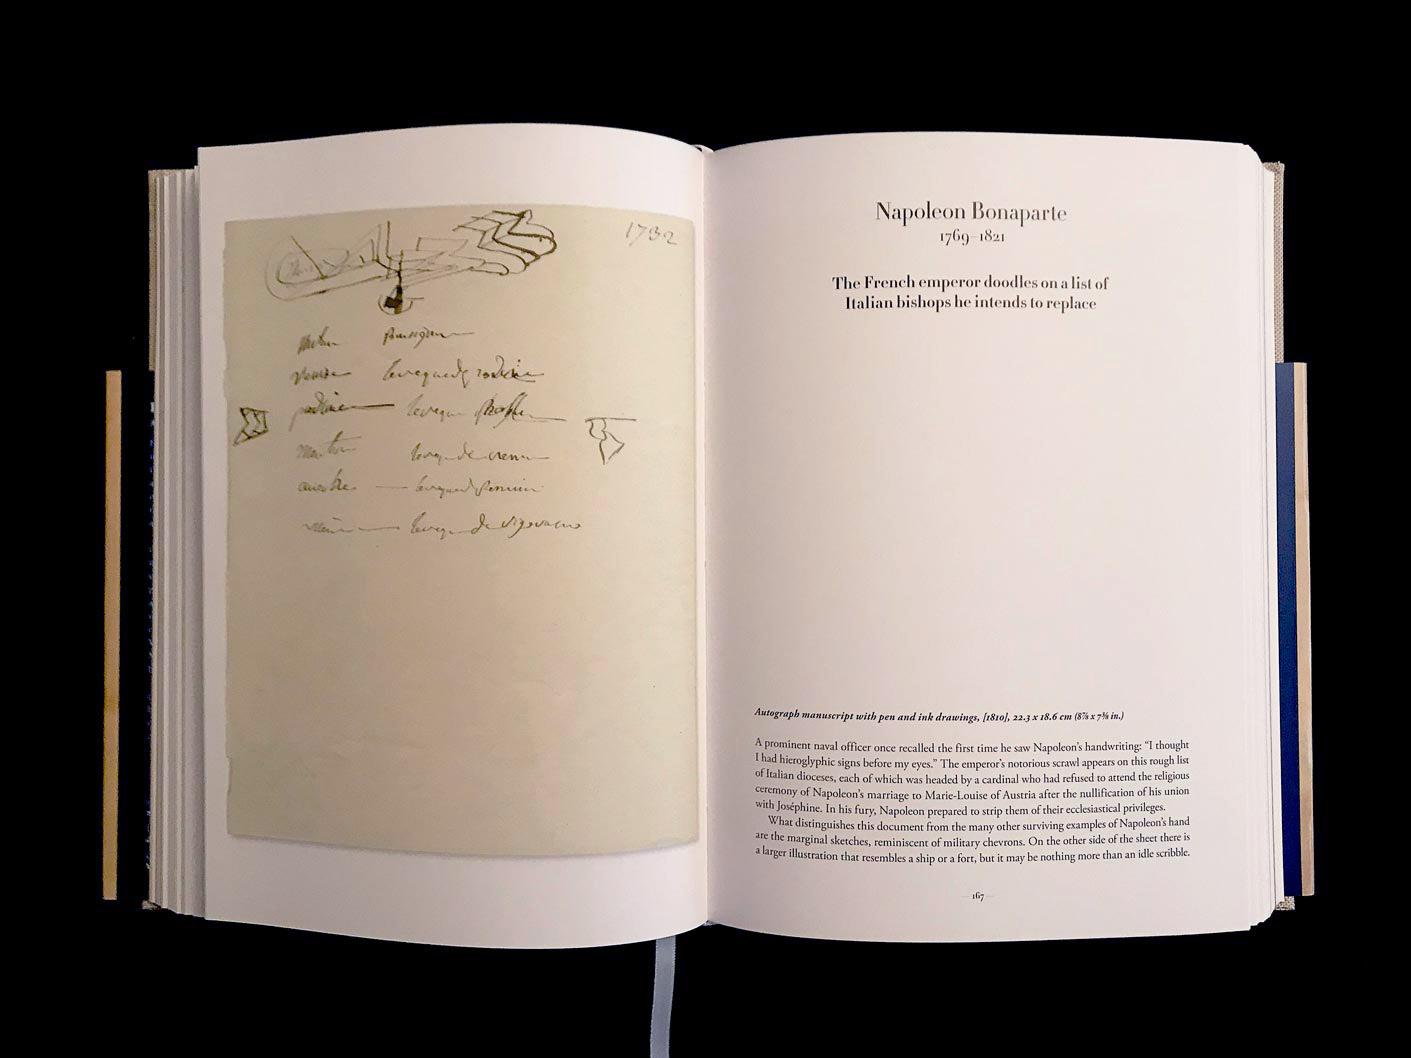 Napoléon Ier, manuscrit autographe avec dessins à la plume et à l'encre, [1810]. L'empereur gribouille sur une liste d'évêques italiens qu'il a l'intention de remplacer. © Passéisme.